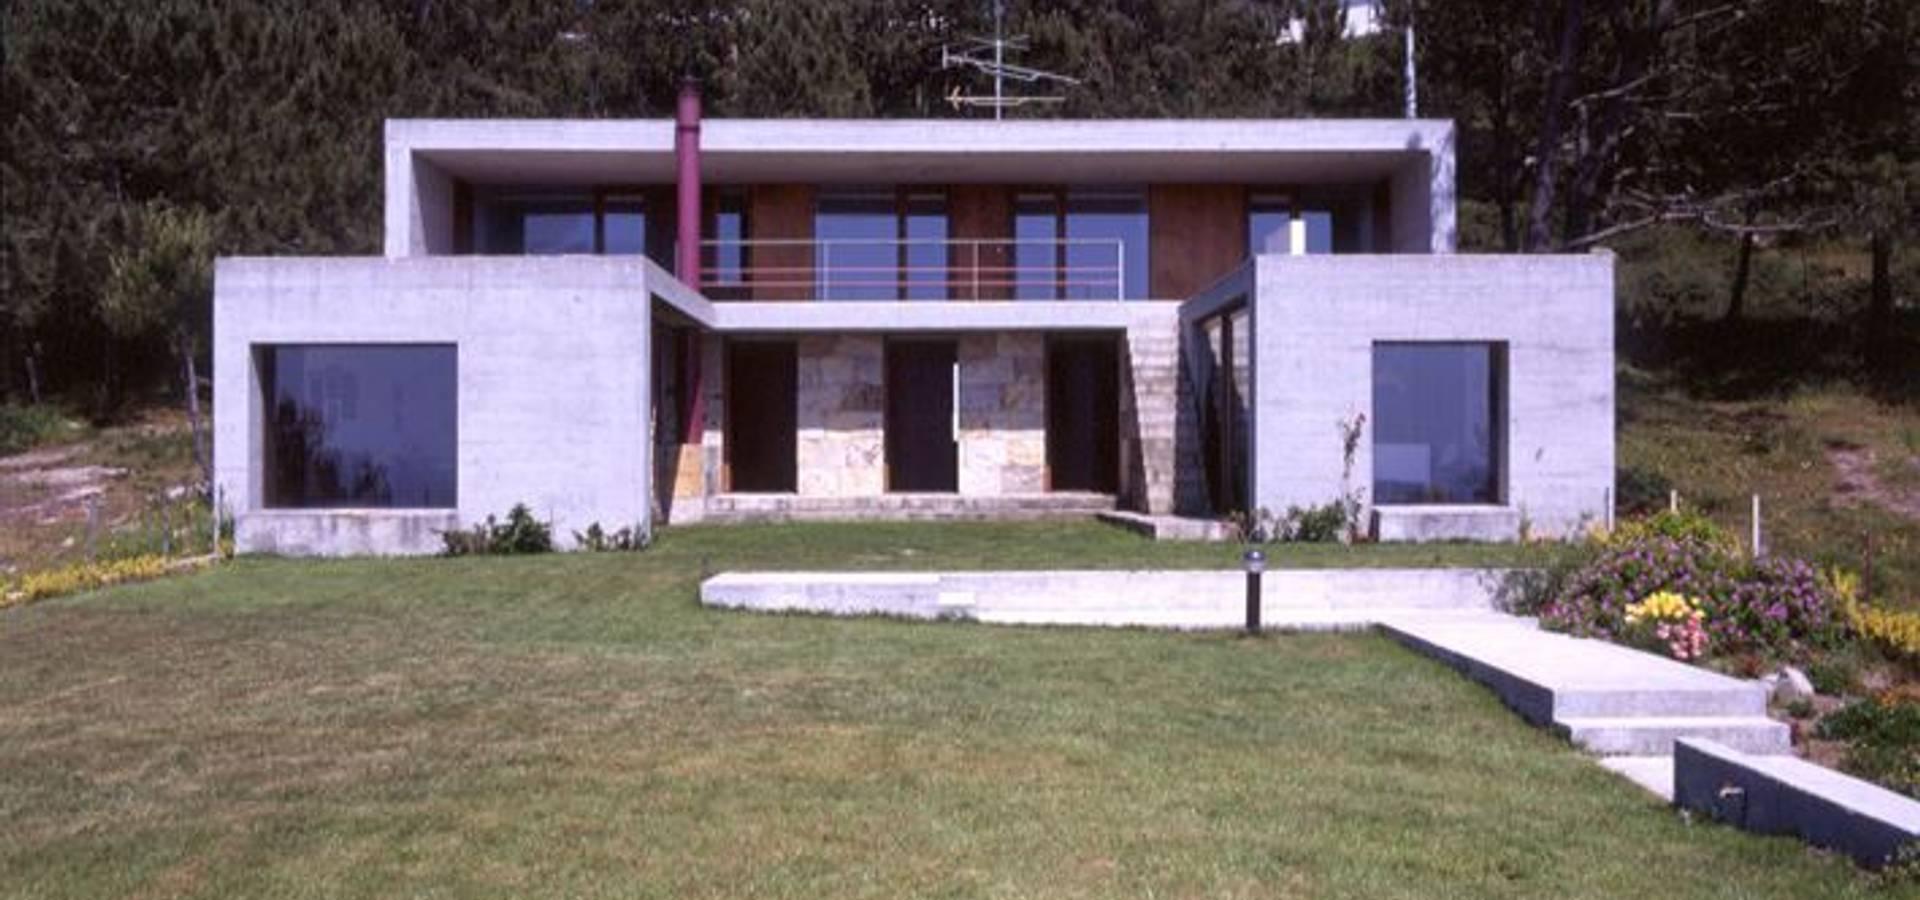 C. PRATA ARQUITETOS